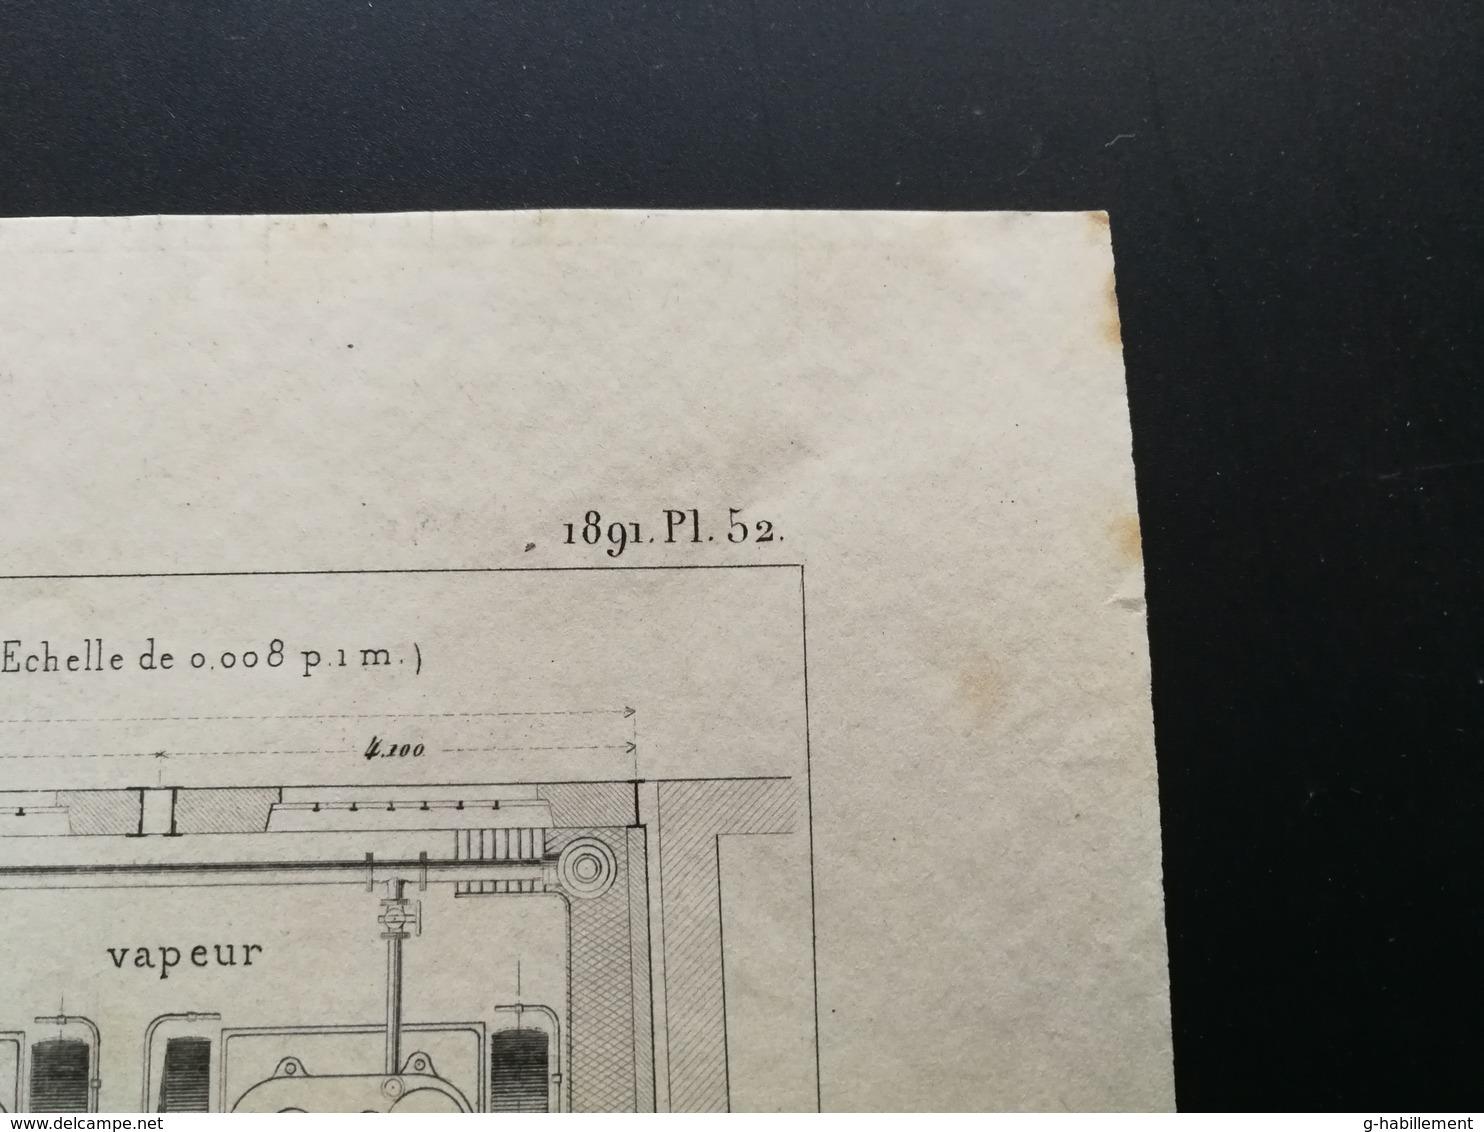 ANNALES DES PONTS Et CHAUSSEES (Dep 69) - Plan D'Eclairage électrique De La Gare De L'Est - Graveur Macquet 1891 (CLE58) - Machines